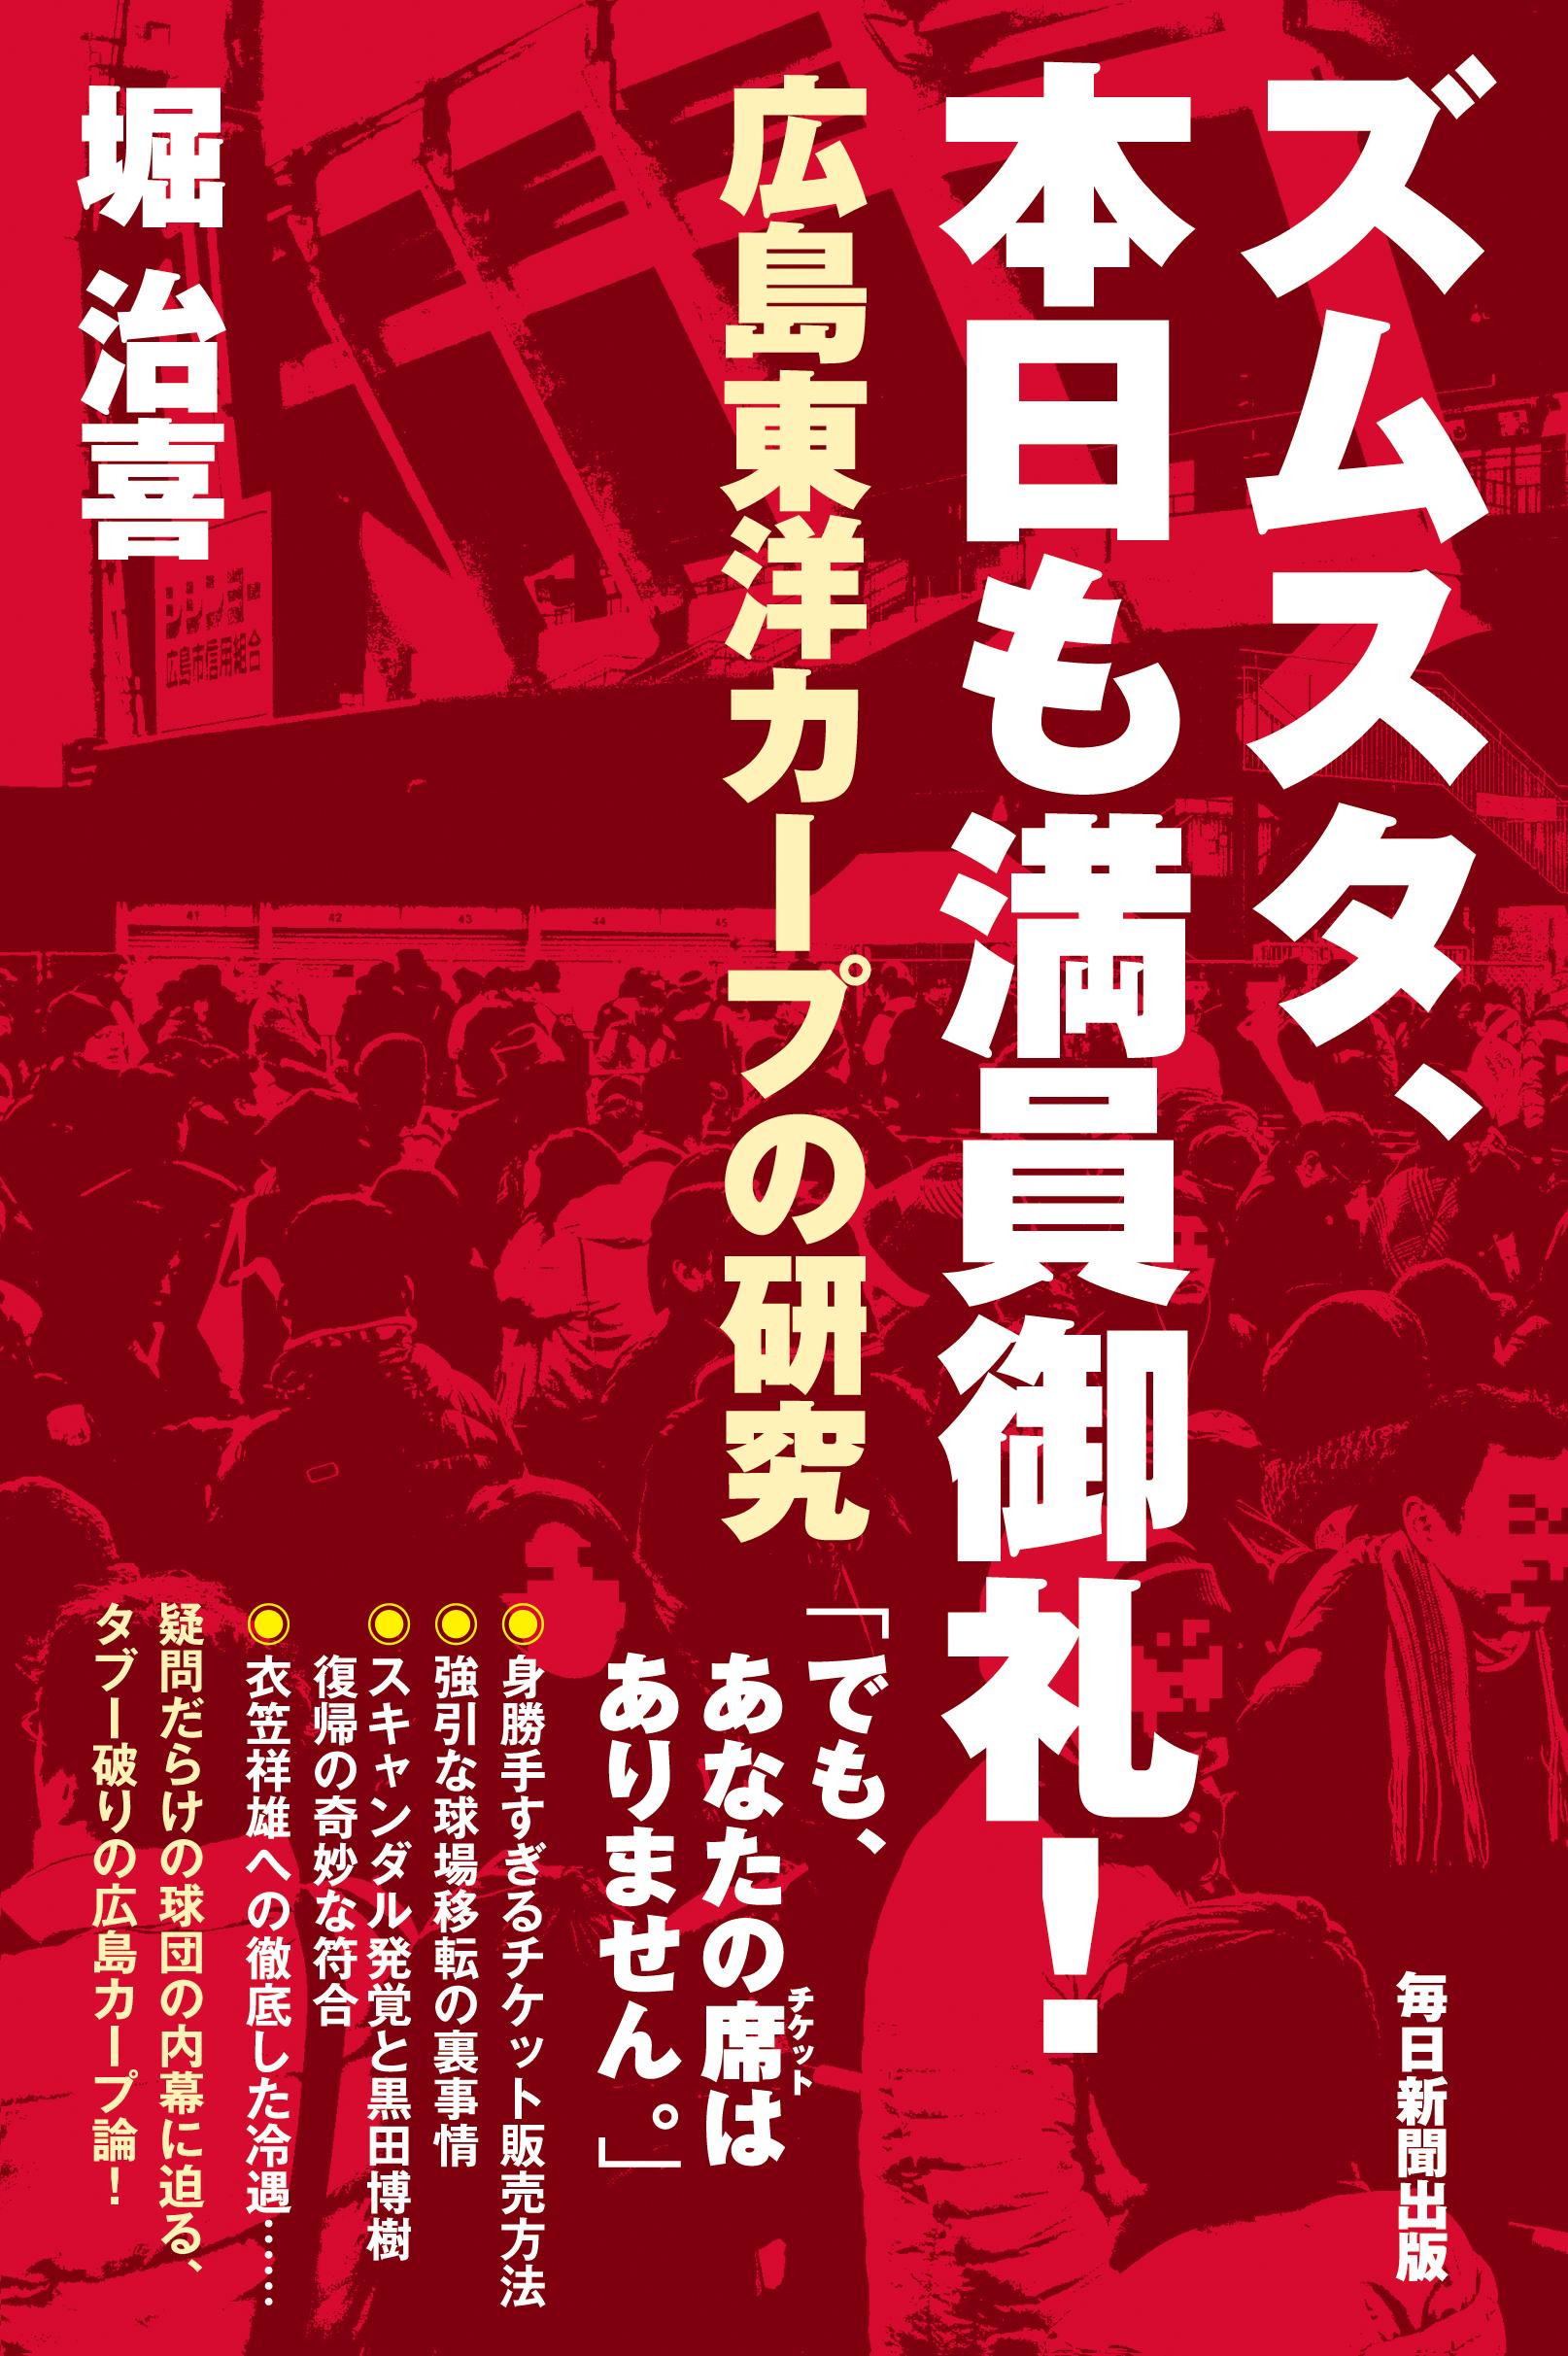 書影:ズムスタ、本日も満員御礼! 広島東洋カープの研究